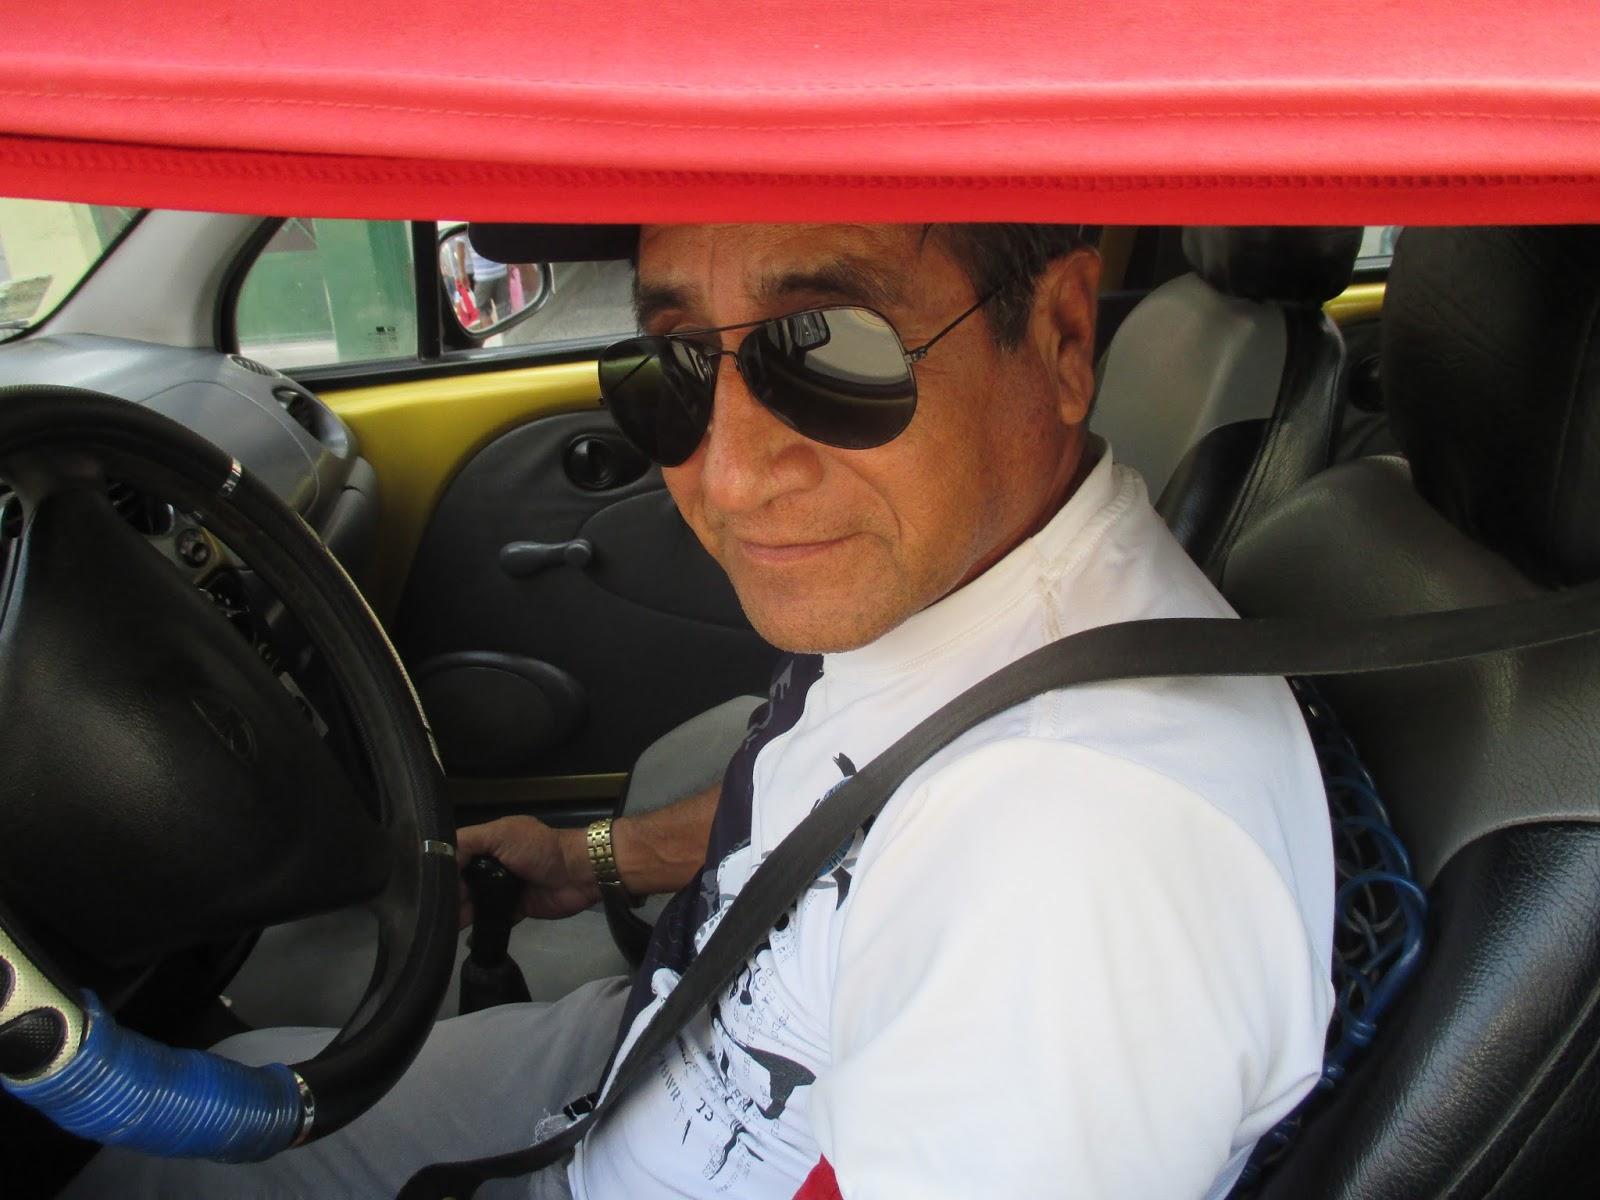 cd23b86a31 Aquí en la imagen, observamos a José Eduardo muy contento iniciando la  jornada diaria del trabajo que le espera durante todo el día, está con  lentes oscuros ...